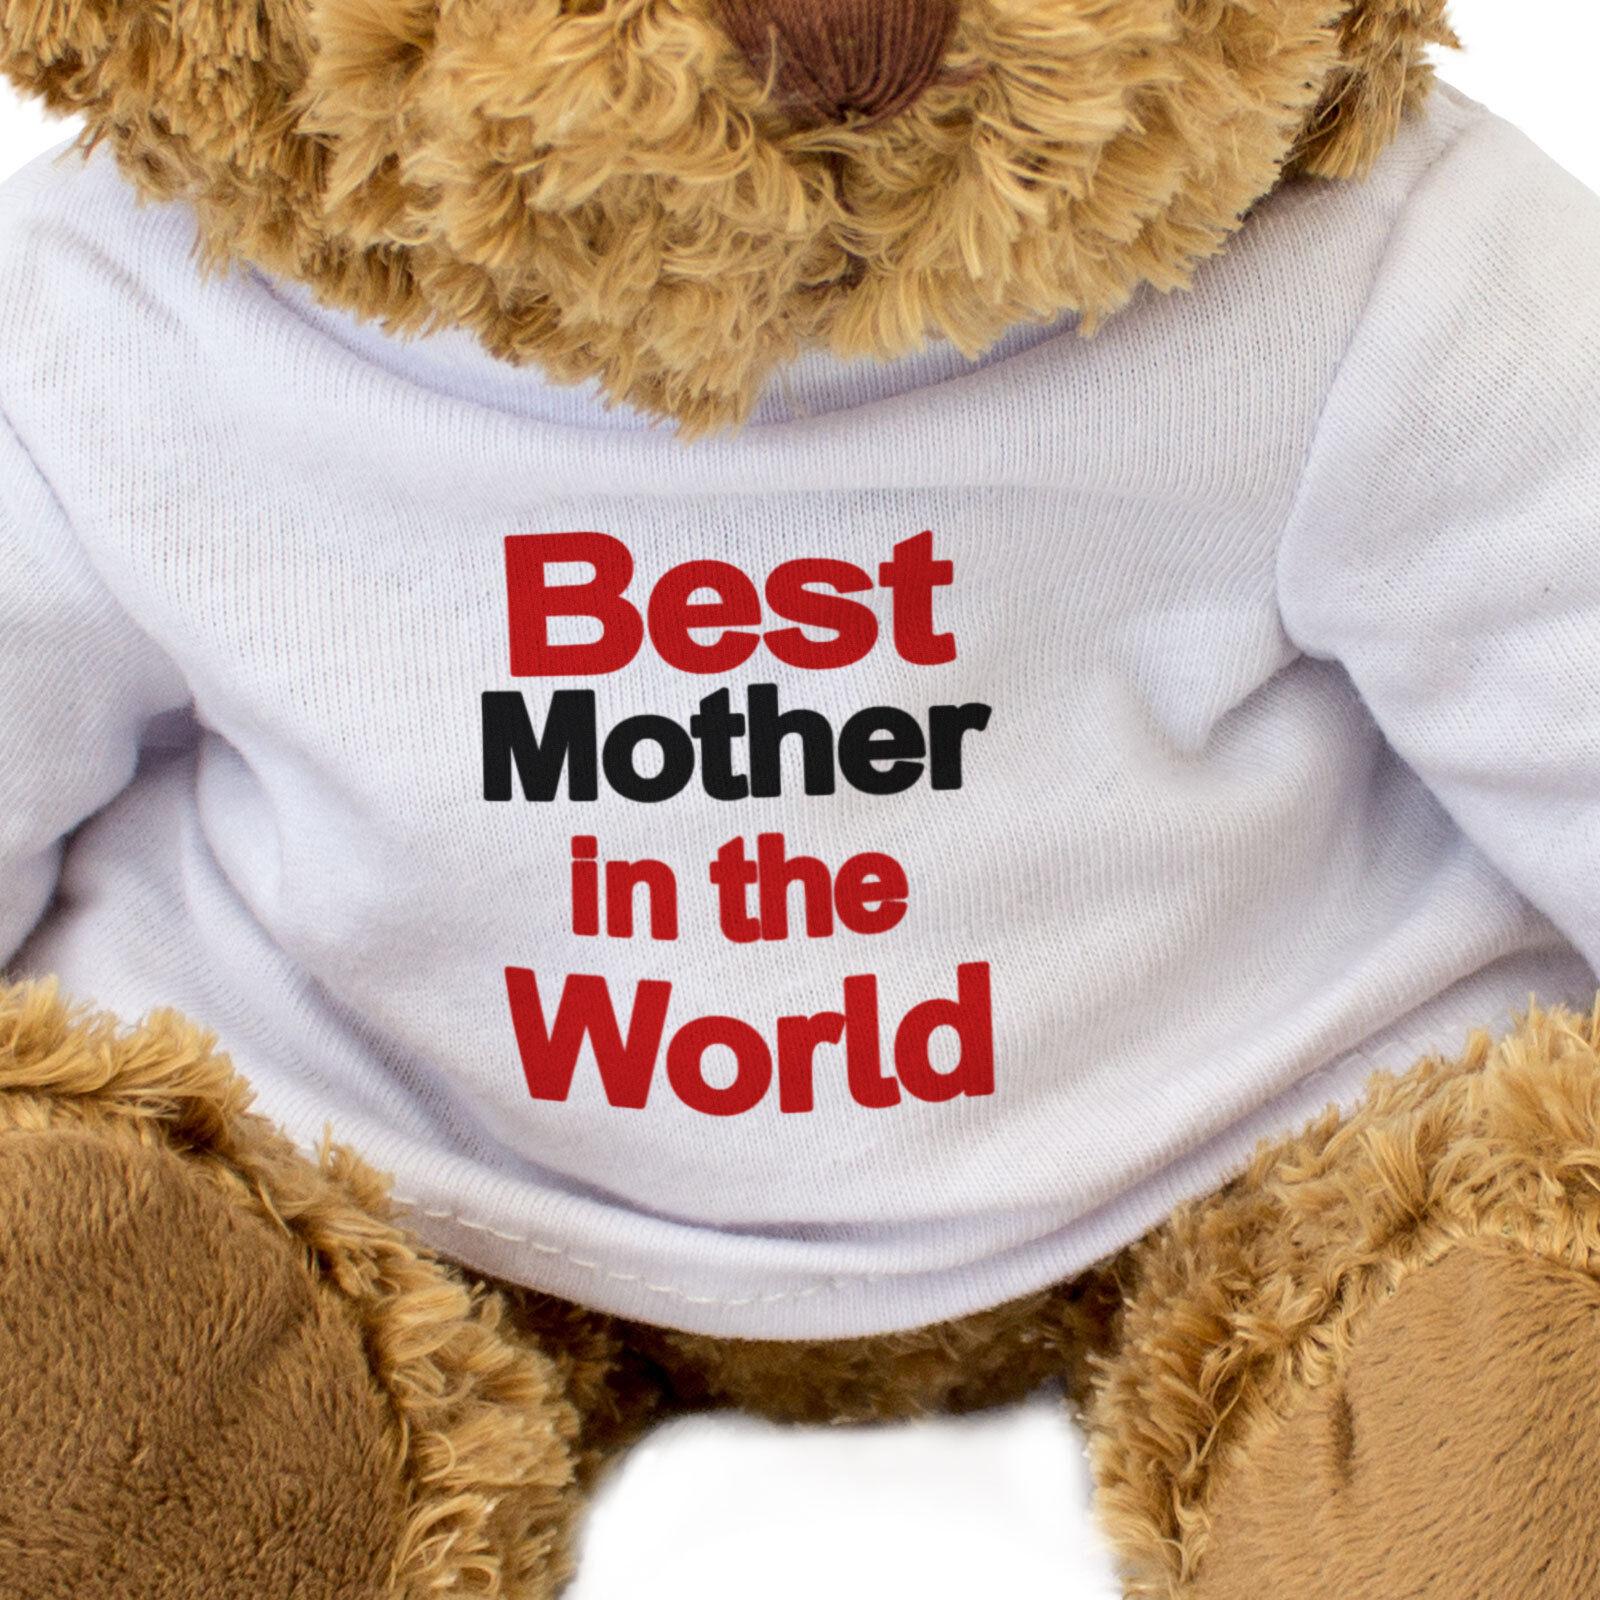 Nuevo - Mejor Madre en el Mundo Mundo Mundo - Oso de Peluche - Lindo - Regalo Presente 227fb9